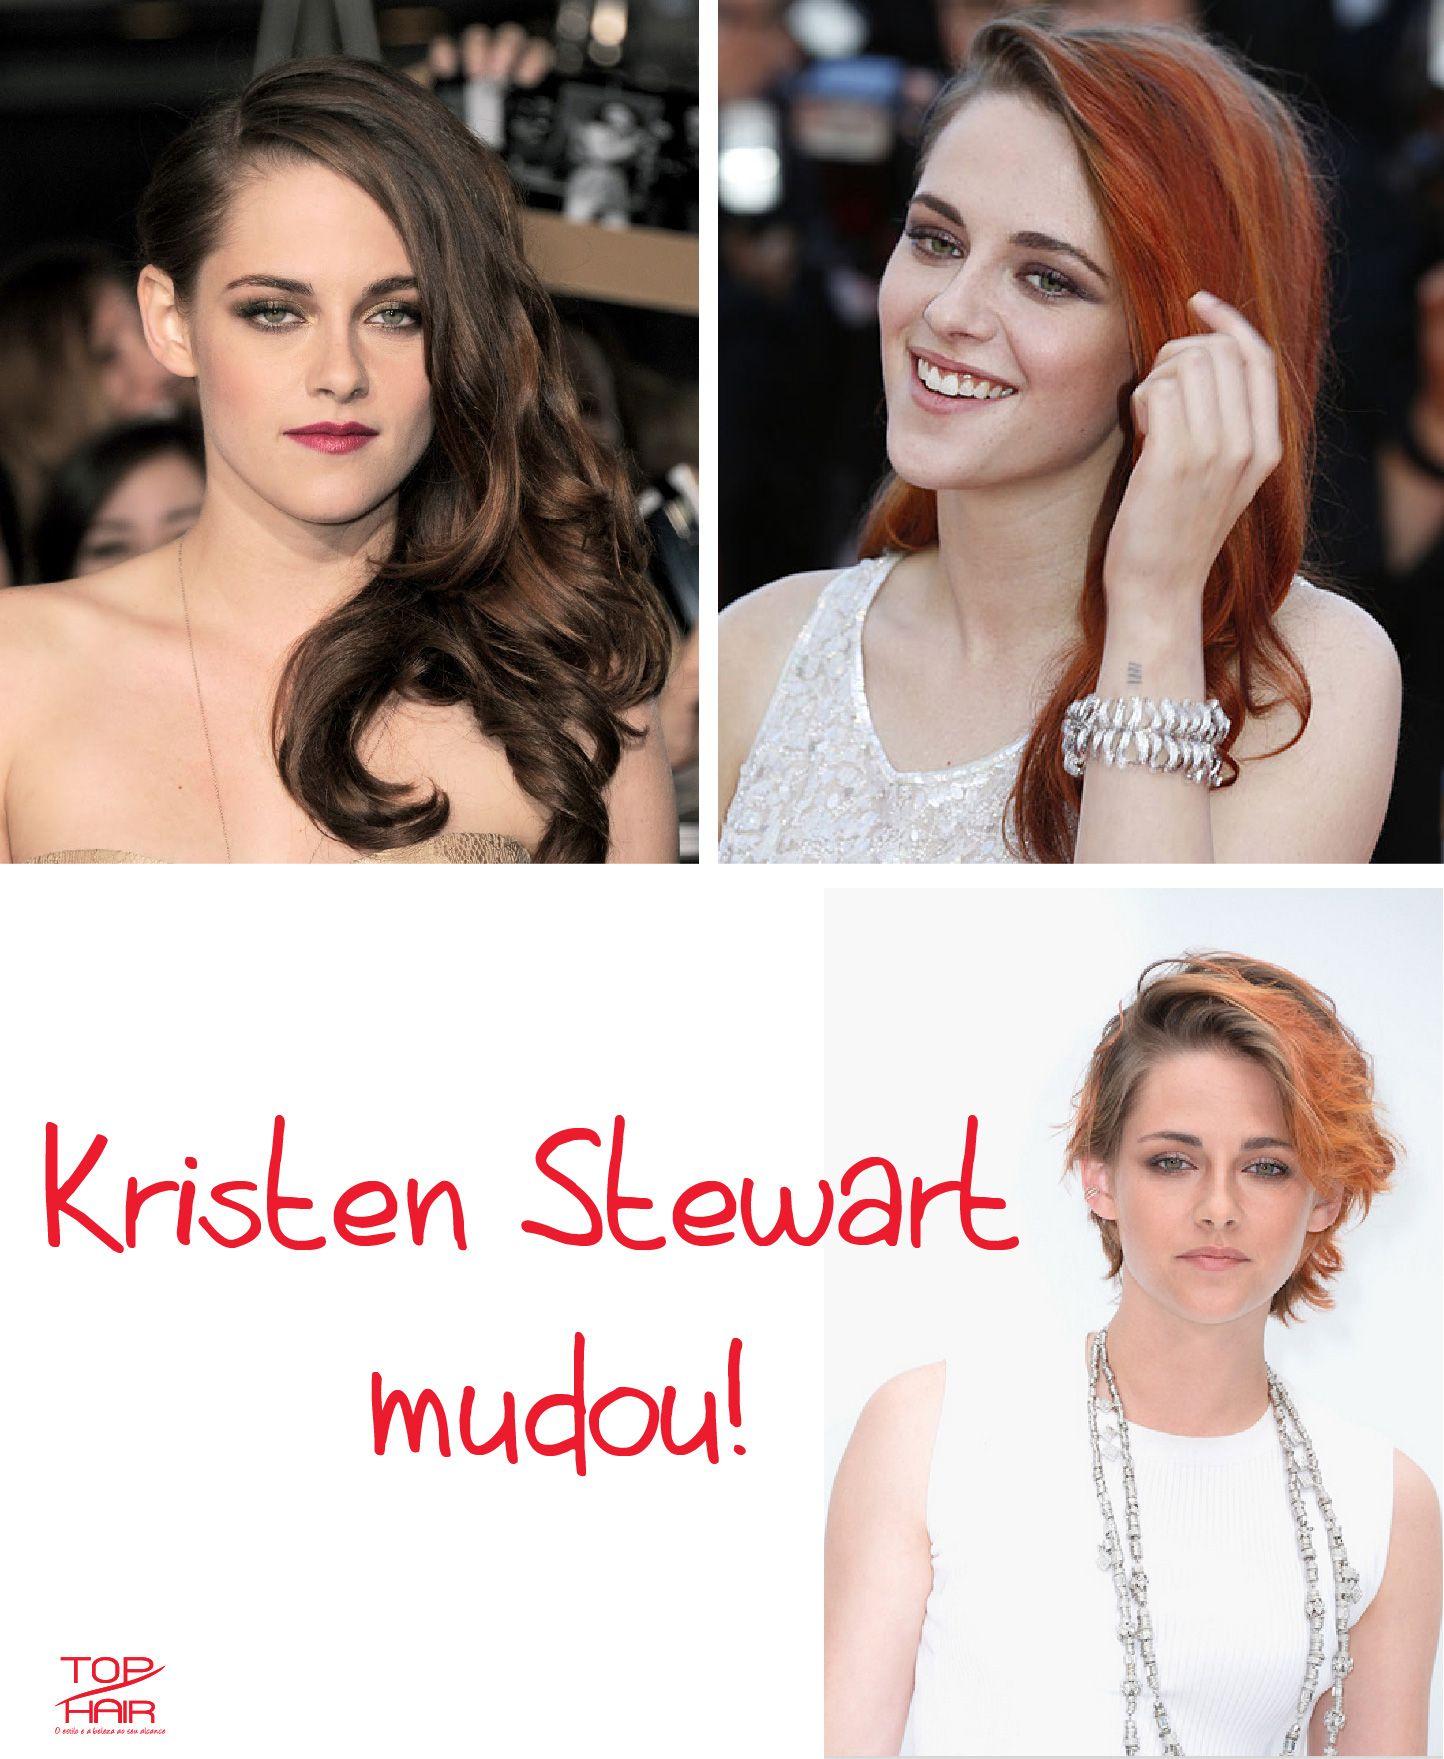 Kristen Stewart mudou radicalmente seu estilo de cabelo através da cor e coloração - http://goo.gl/RB7Rxt